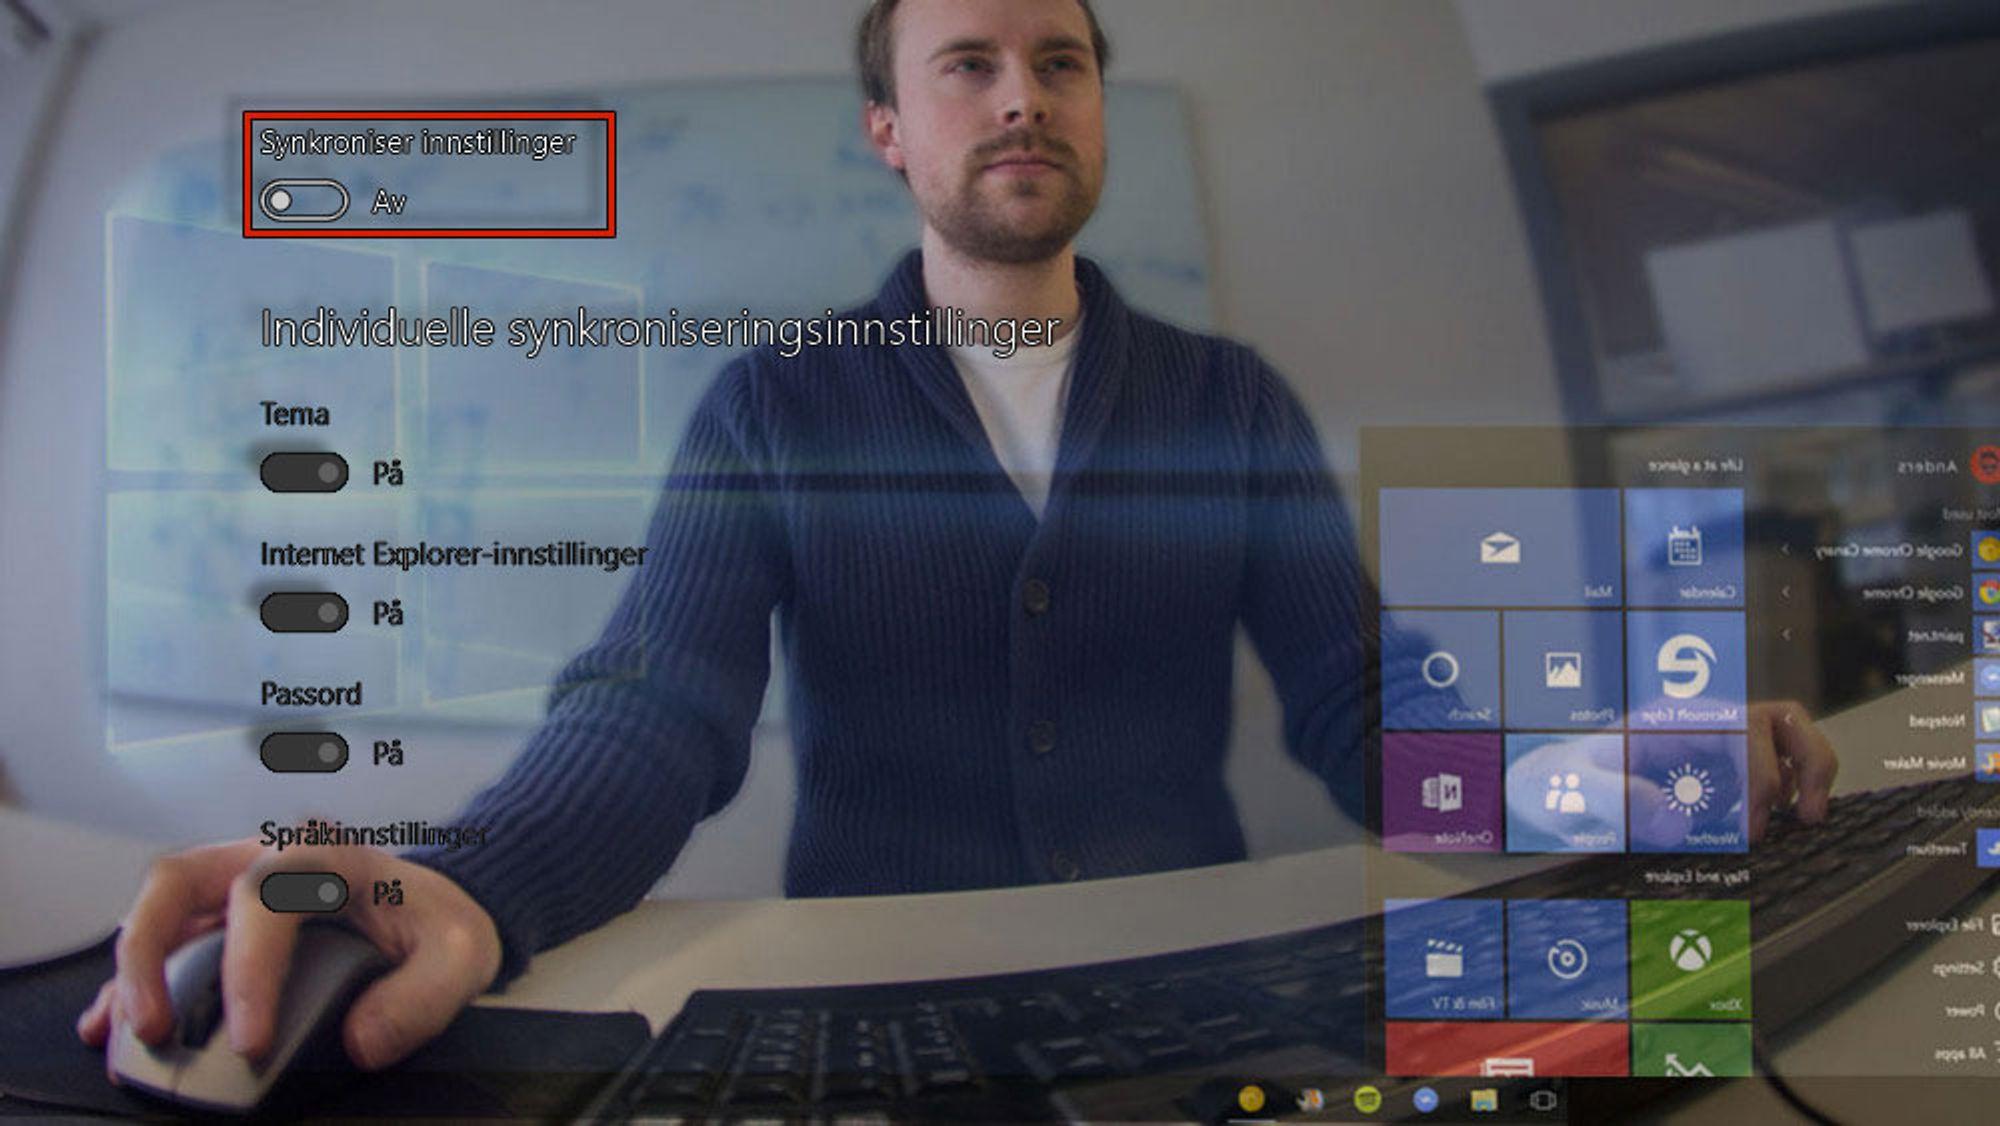 GUIDE: Disse innstillingene skrur jeg raskt av i Windows 10